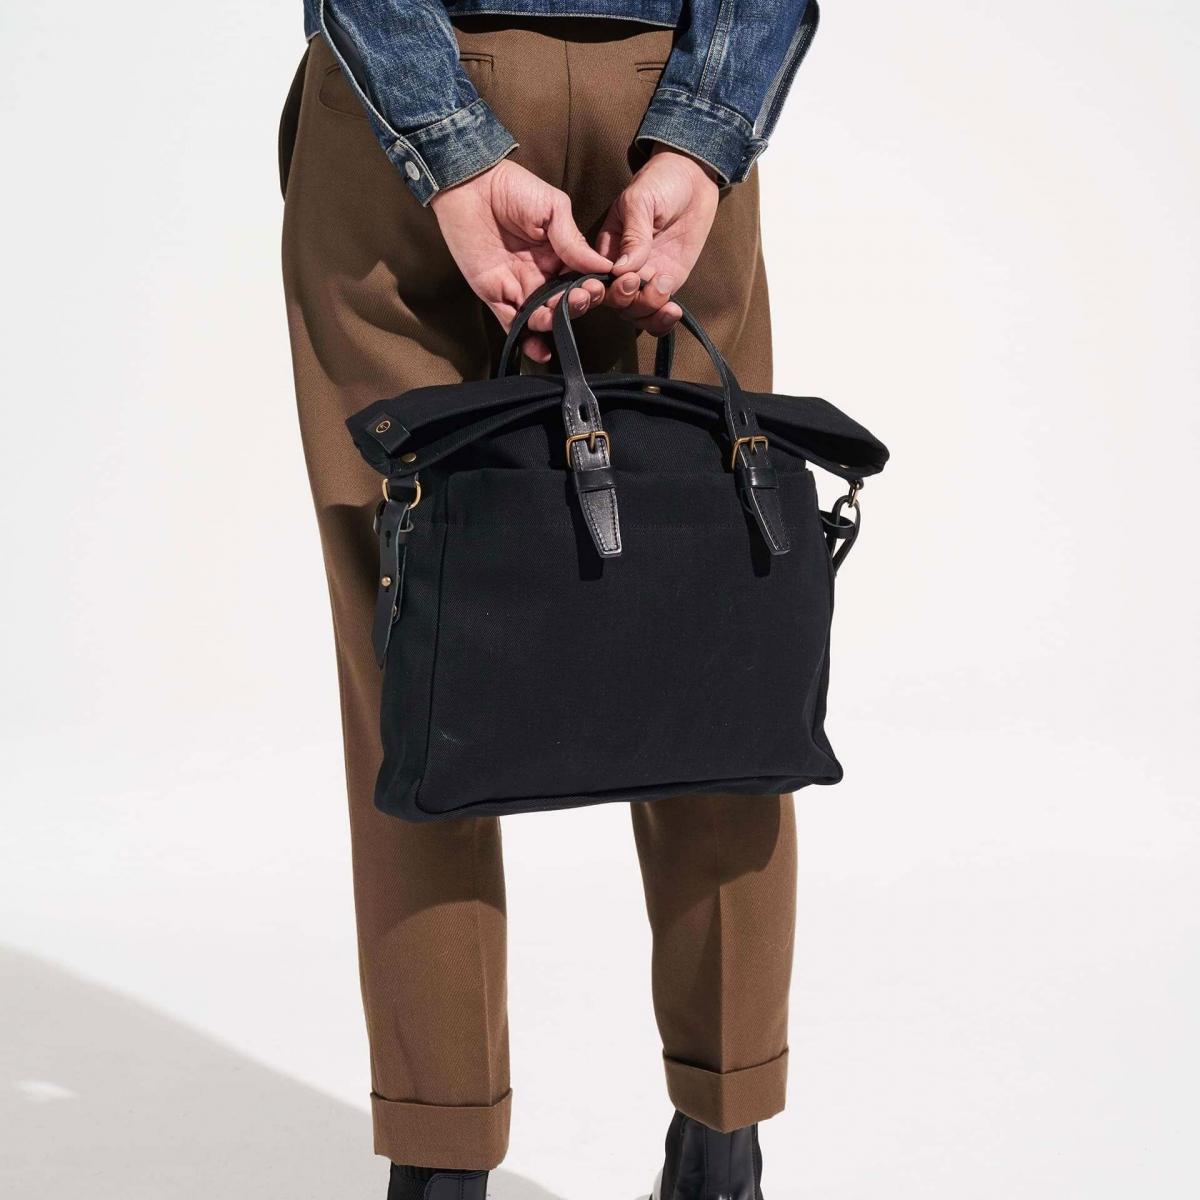 Remix business bag - Black (image n°5)